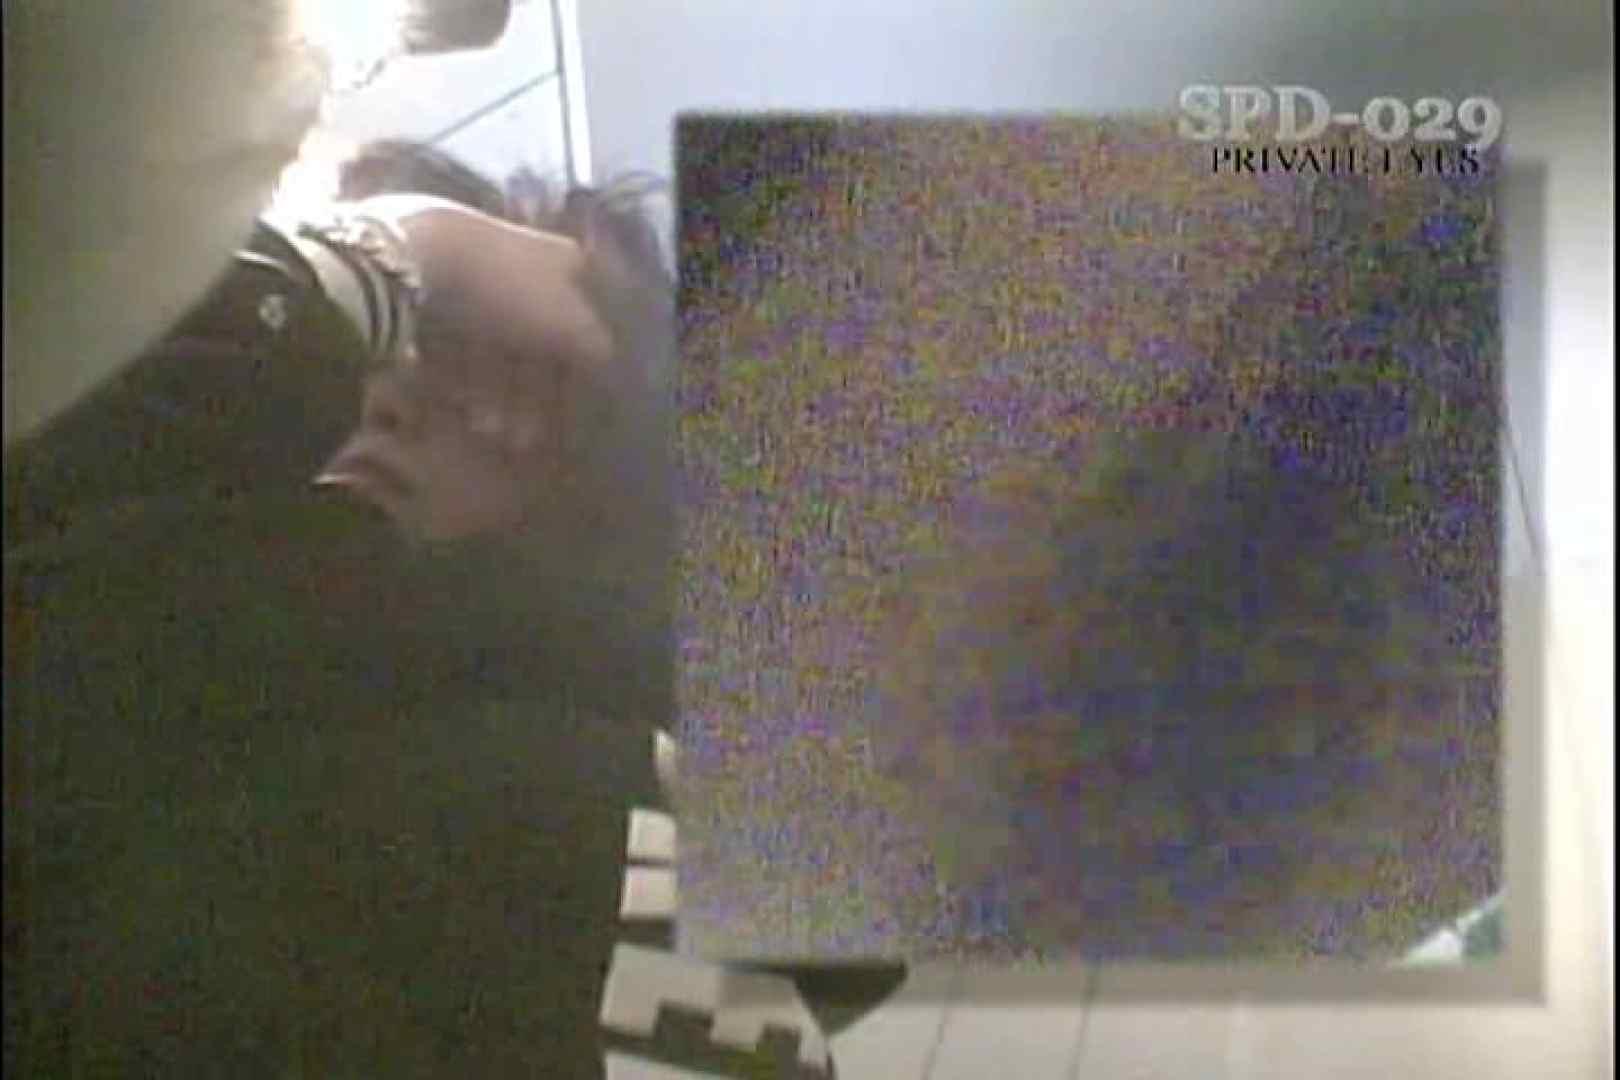 高画質版!SPD-029 和式厠 モリモリスペシャル プライベート セックス画像 60枚 38